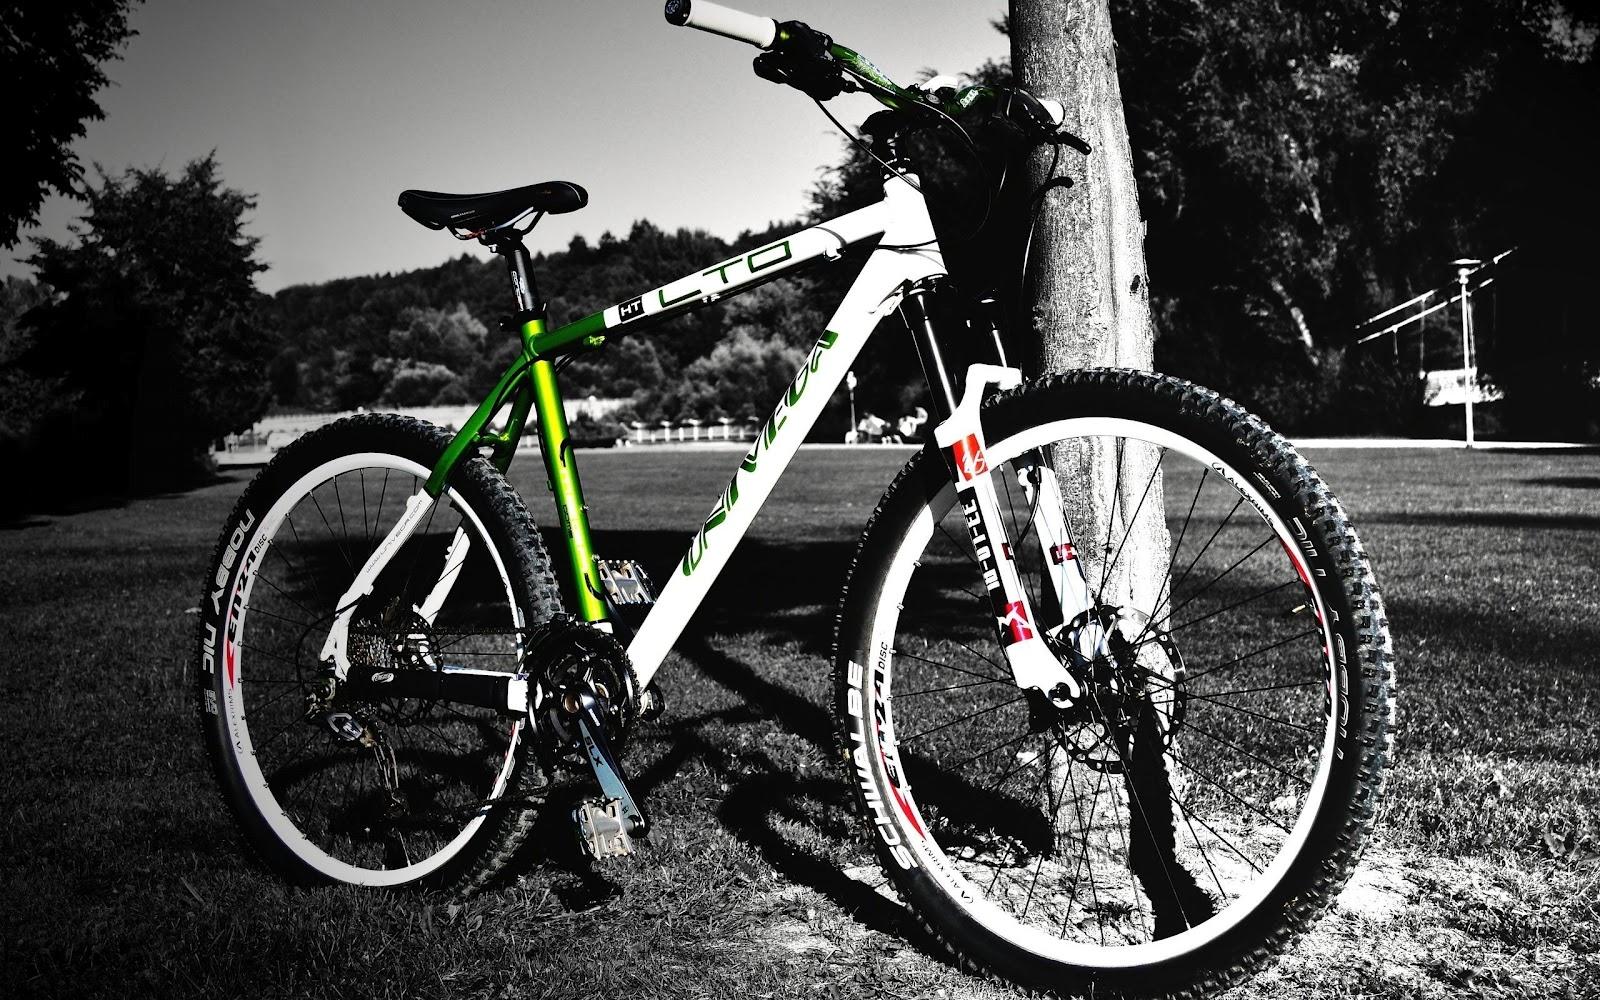 http://1.bp.blogspot.com/-gV2dV-WyFx4/UCUGxV83-HI/AAAAAAAACPg/rldKZ7lFfRY/s1600/Walls+Bike+HD+Wallpaper.jpg